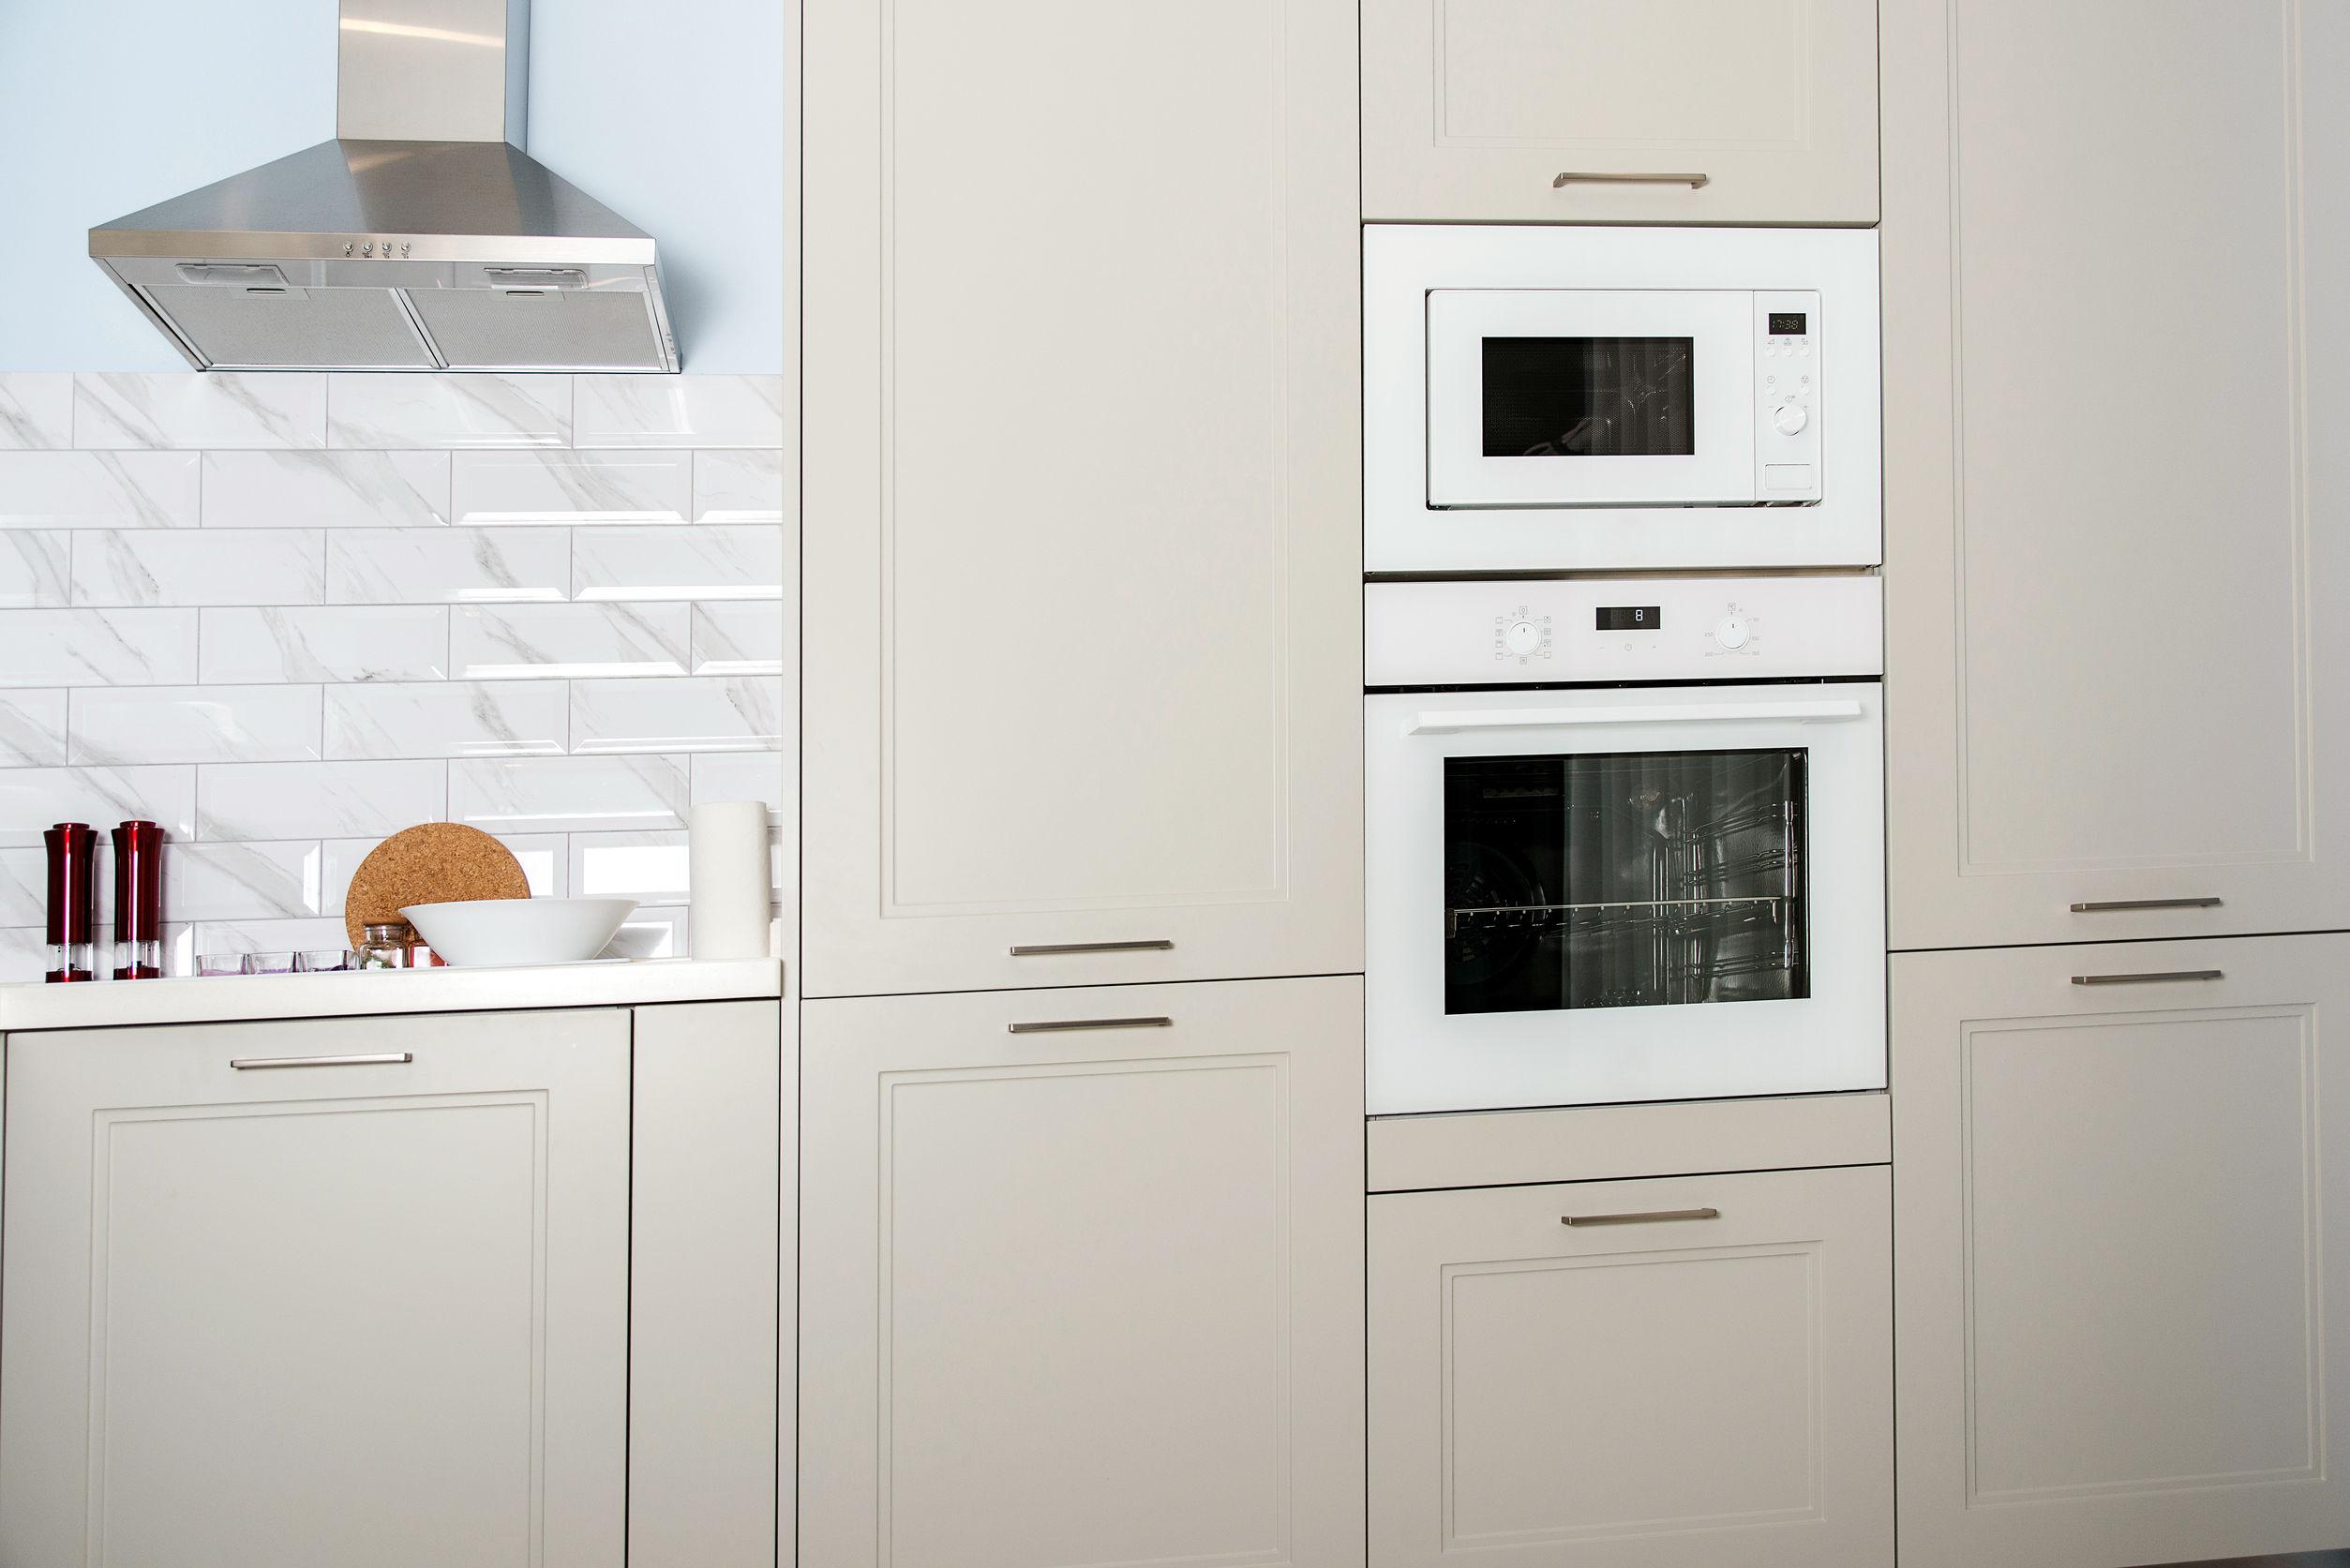 Electrodomésticos de cocina empotrados en un interior de lujo